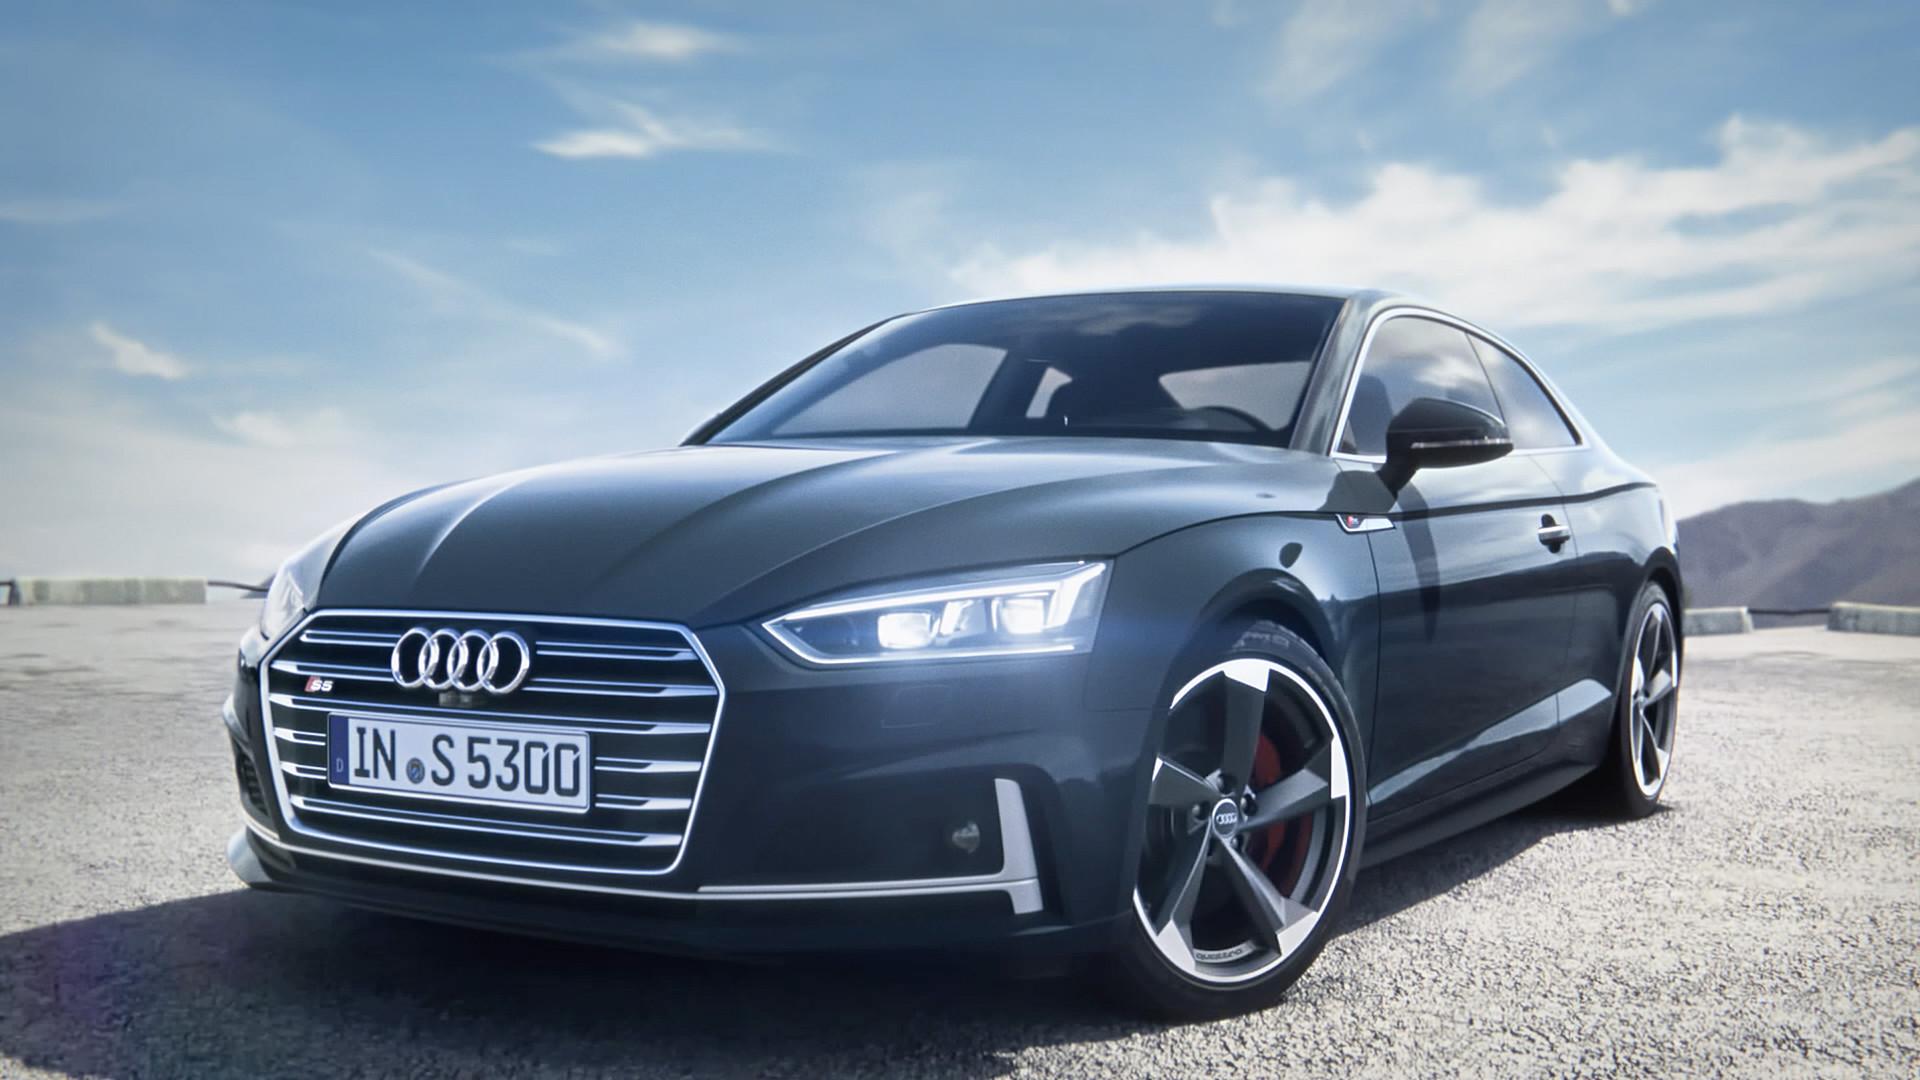 Res: 1920x1080, Der Lackfächer für das Audi S5 Coupé¹ bietet Ihnen zum Beispiel die  optionalen Töne Quantumgrau, Daytonagrau und Turboblau.